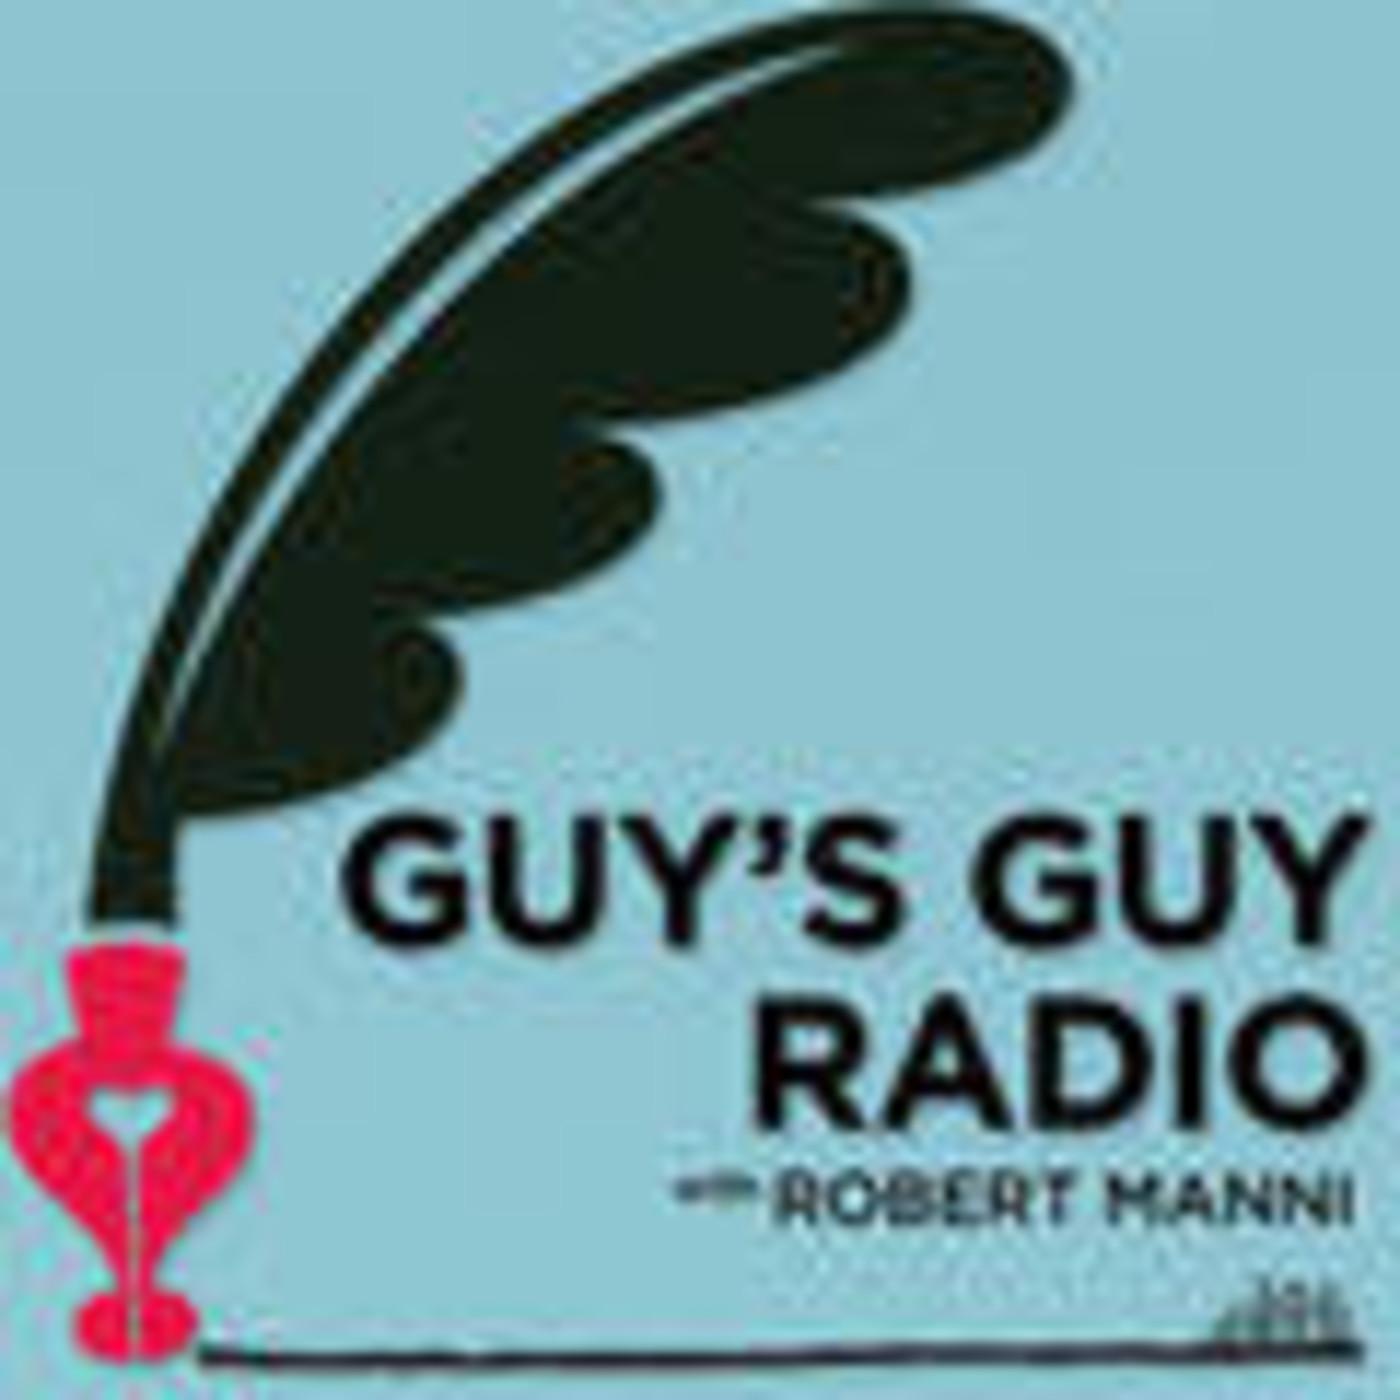 Guys Guy Radio